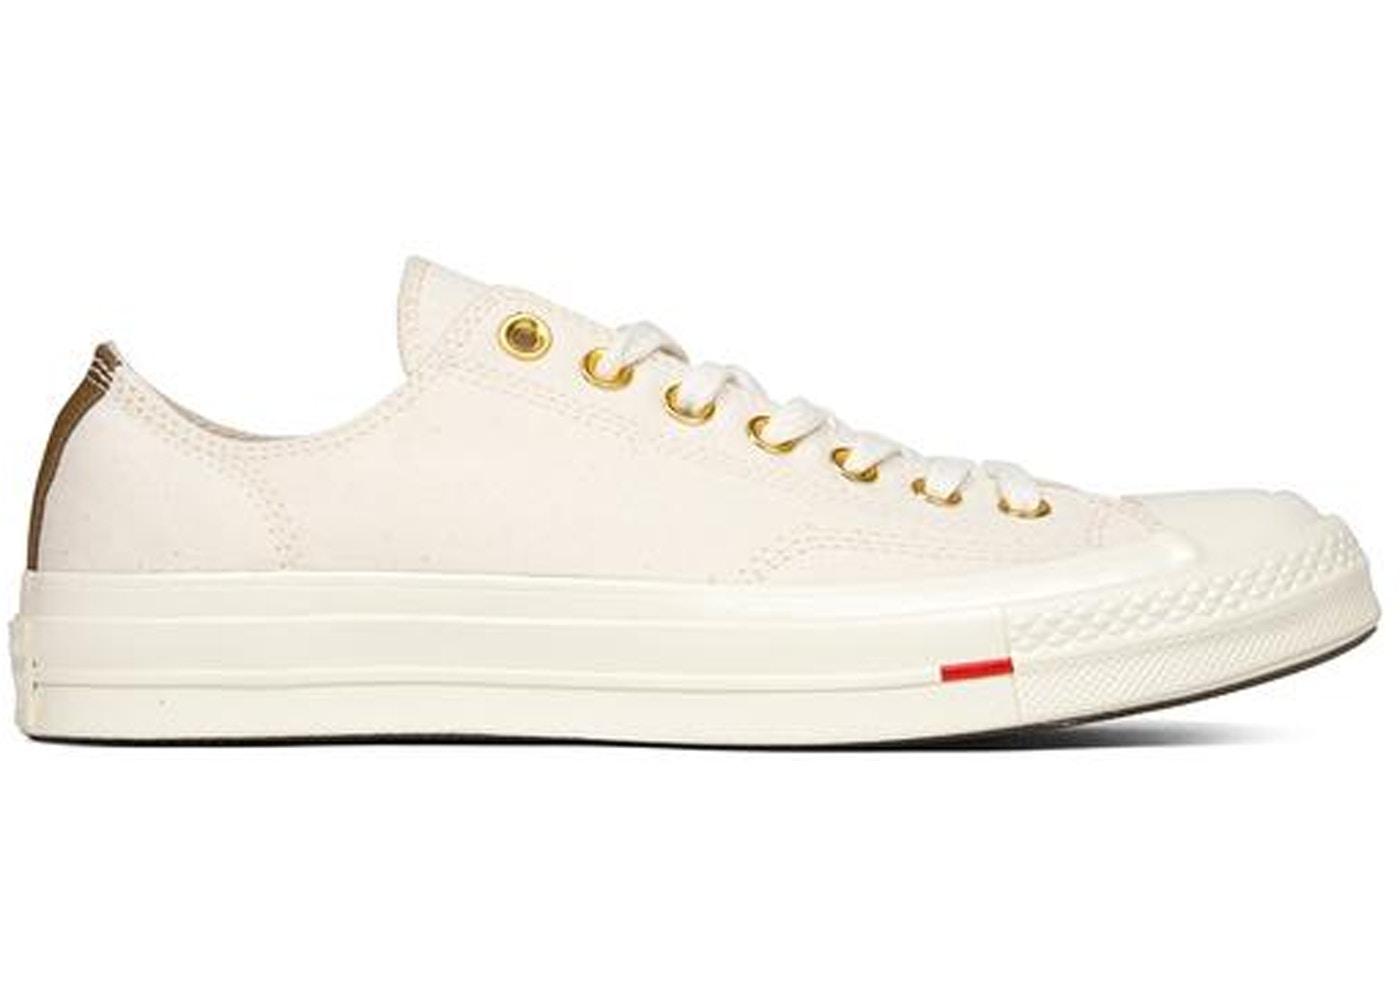 f59ffd173ac78e Footwear - Volatility